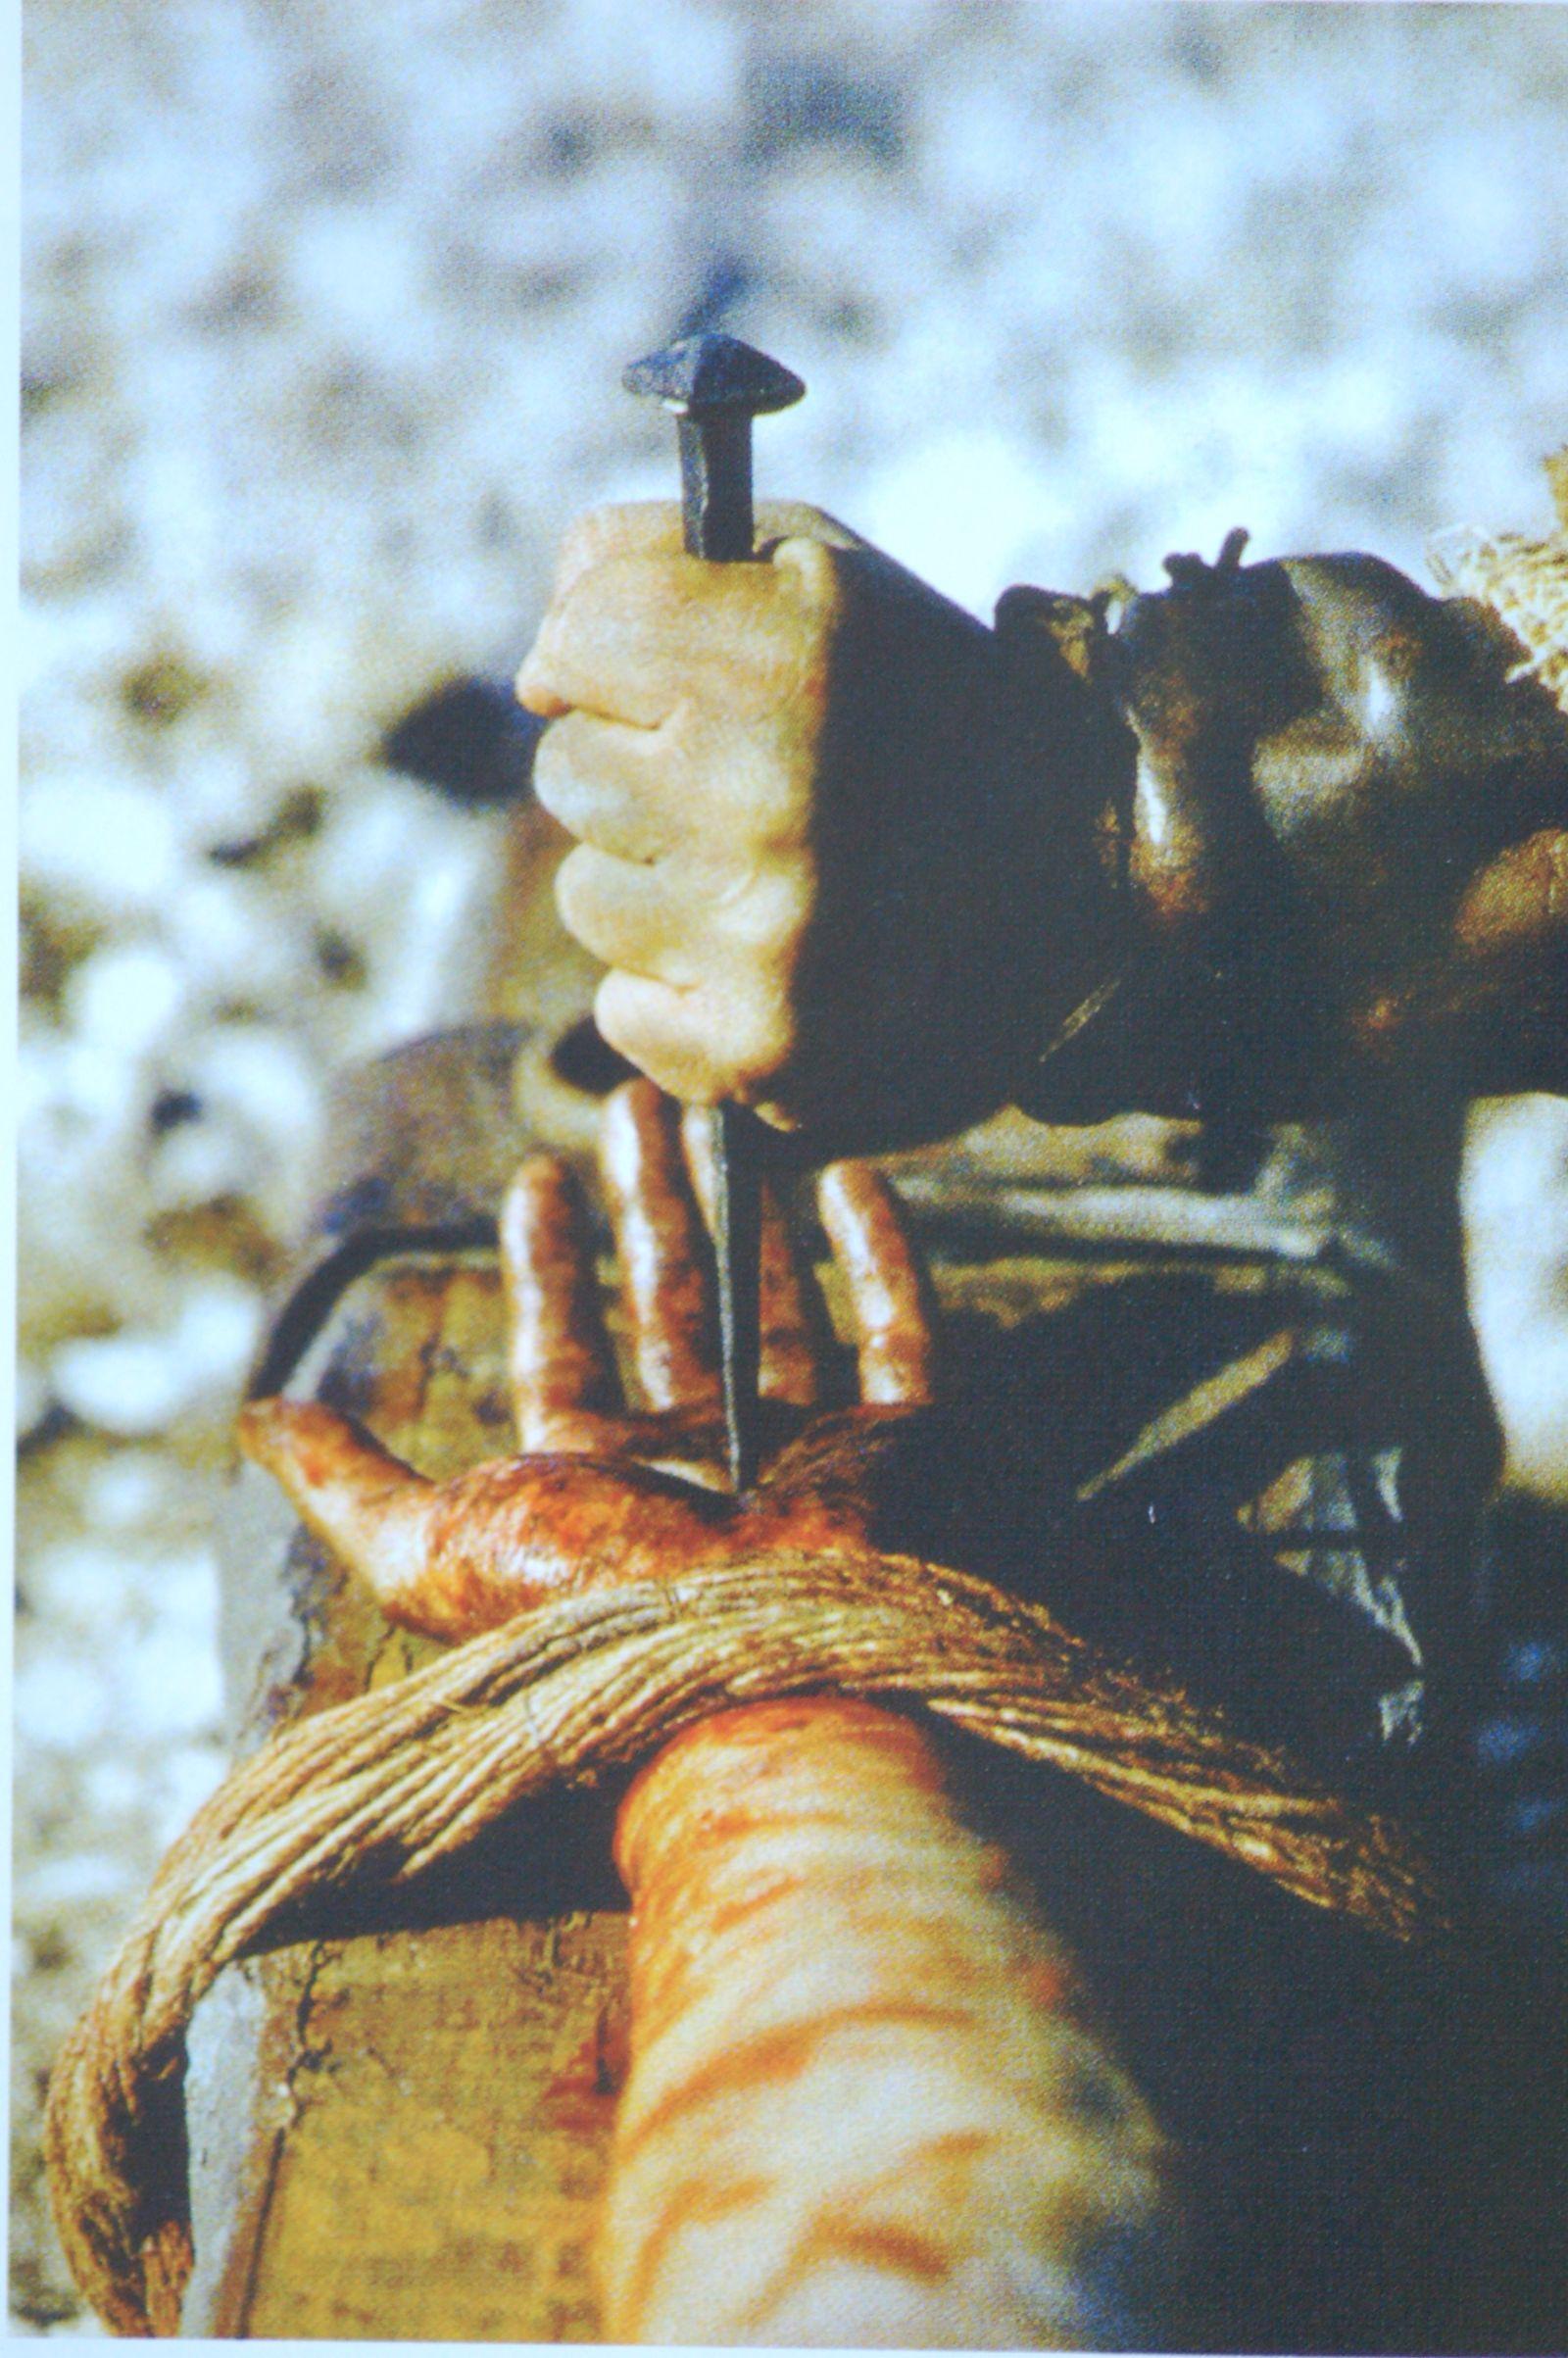 Photo 4. Nailing wrist